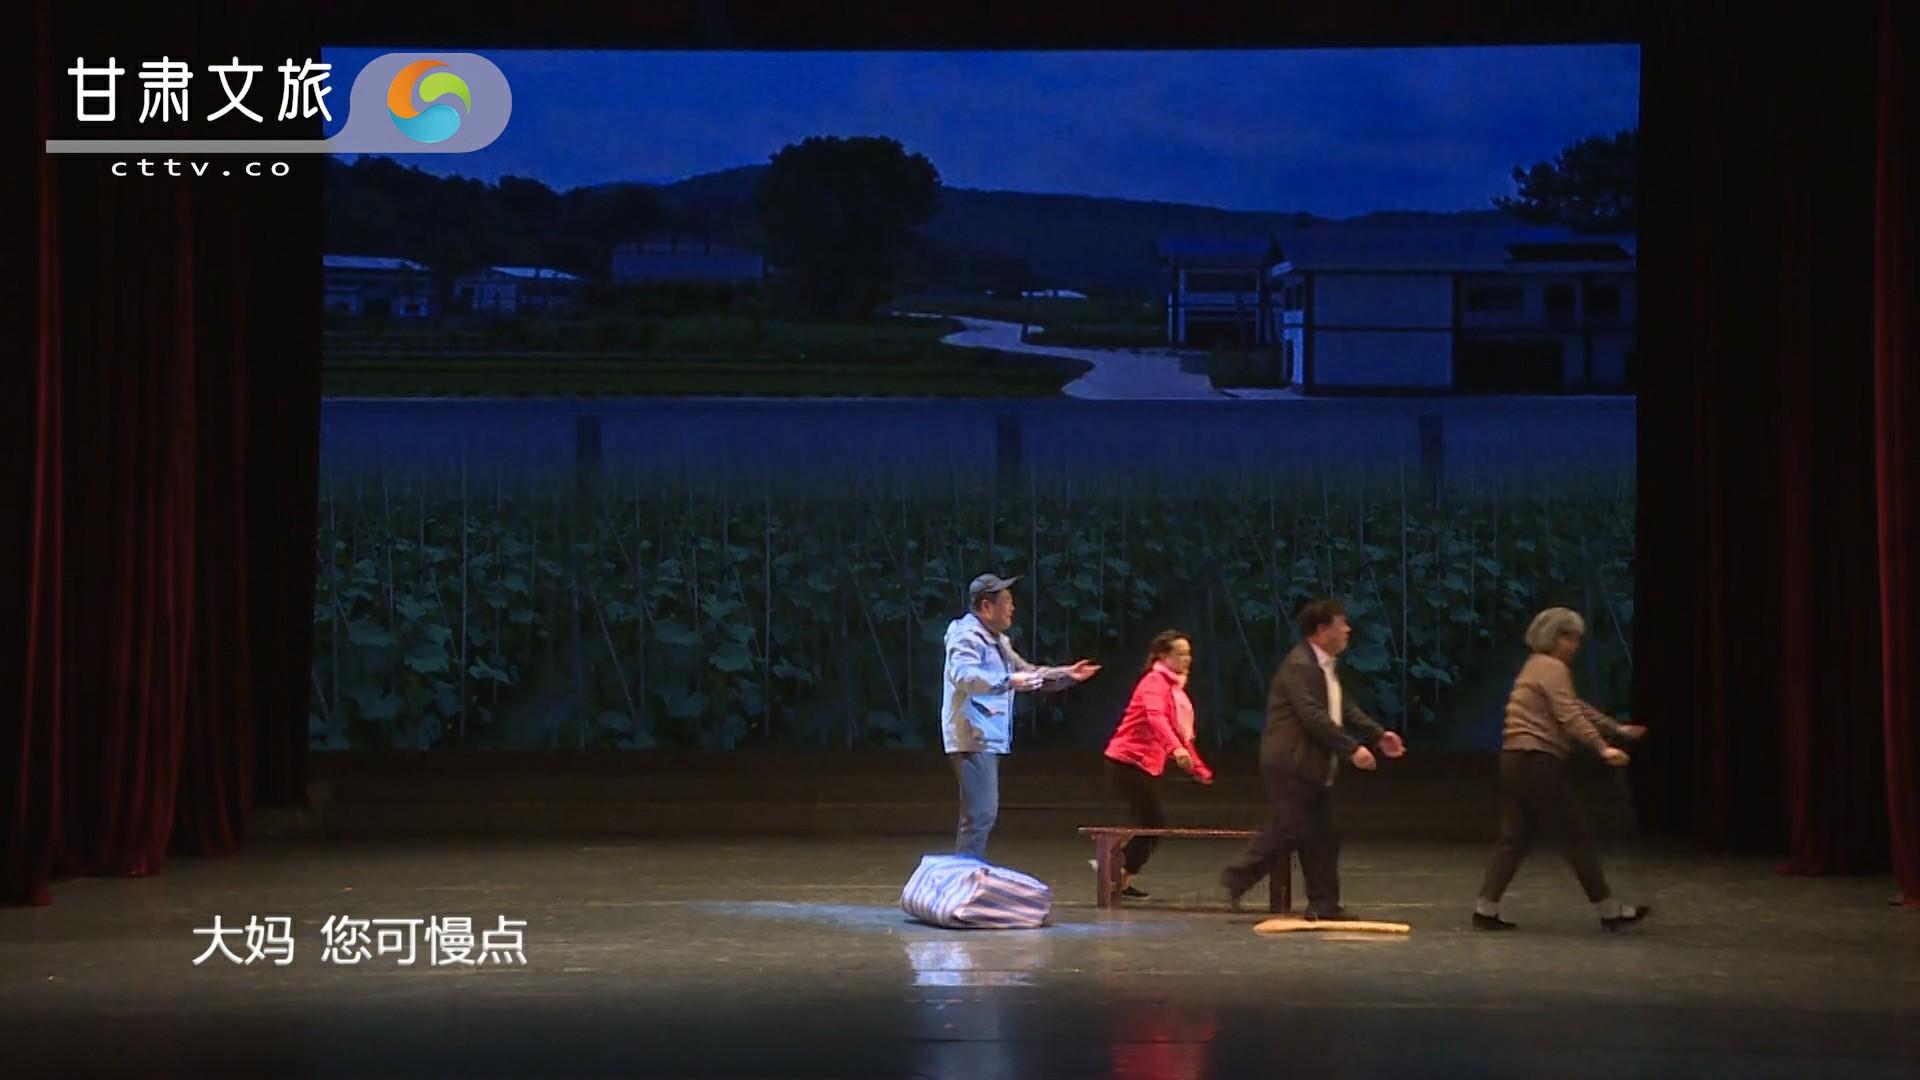 甘肃省曲协优秀曲艺作品展播——小品《回家》